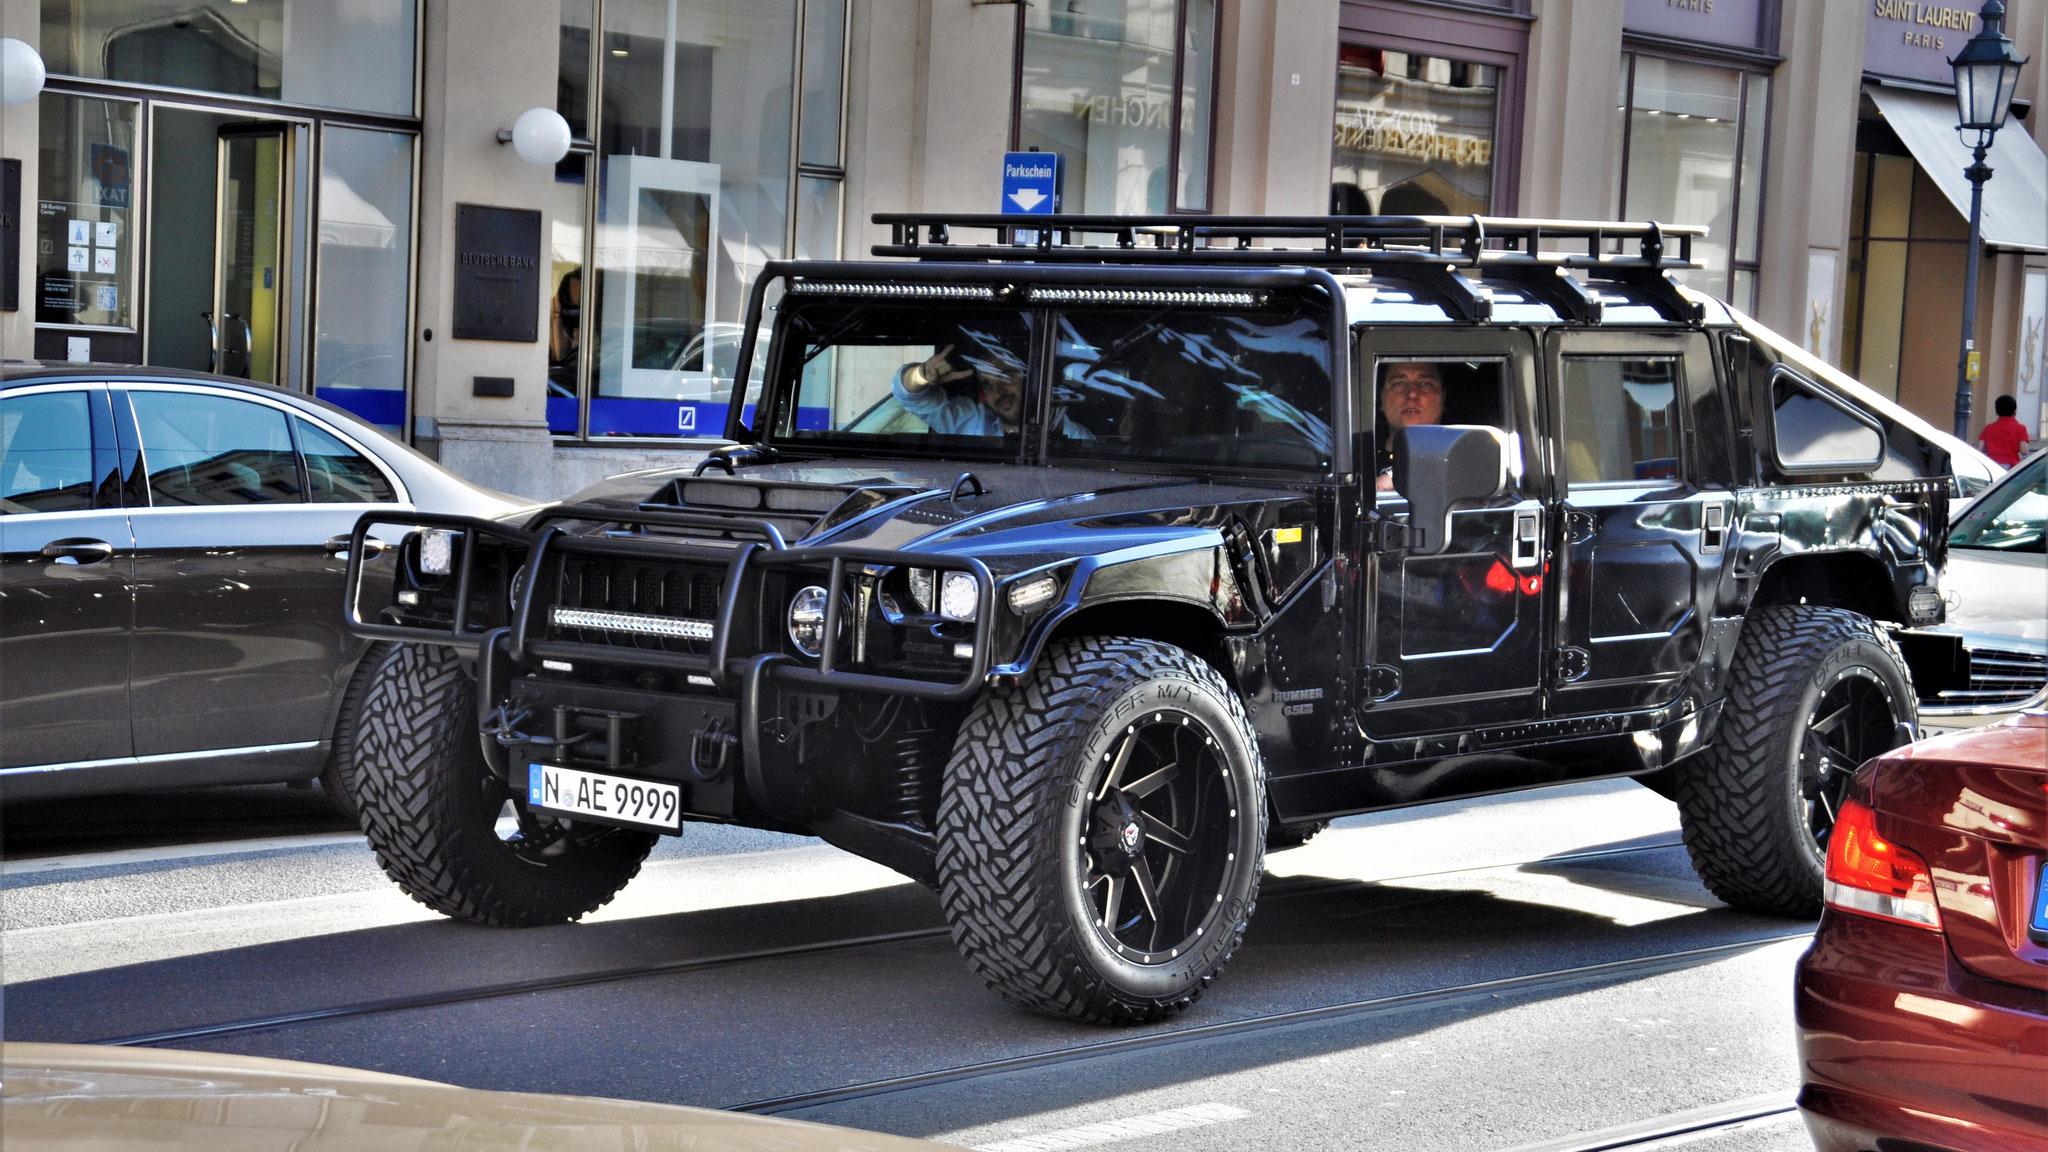 Hummer H1 - N-AE-9999